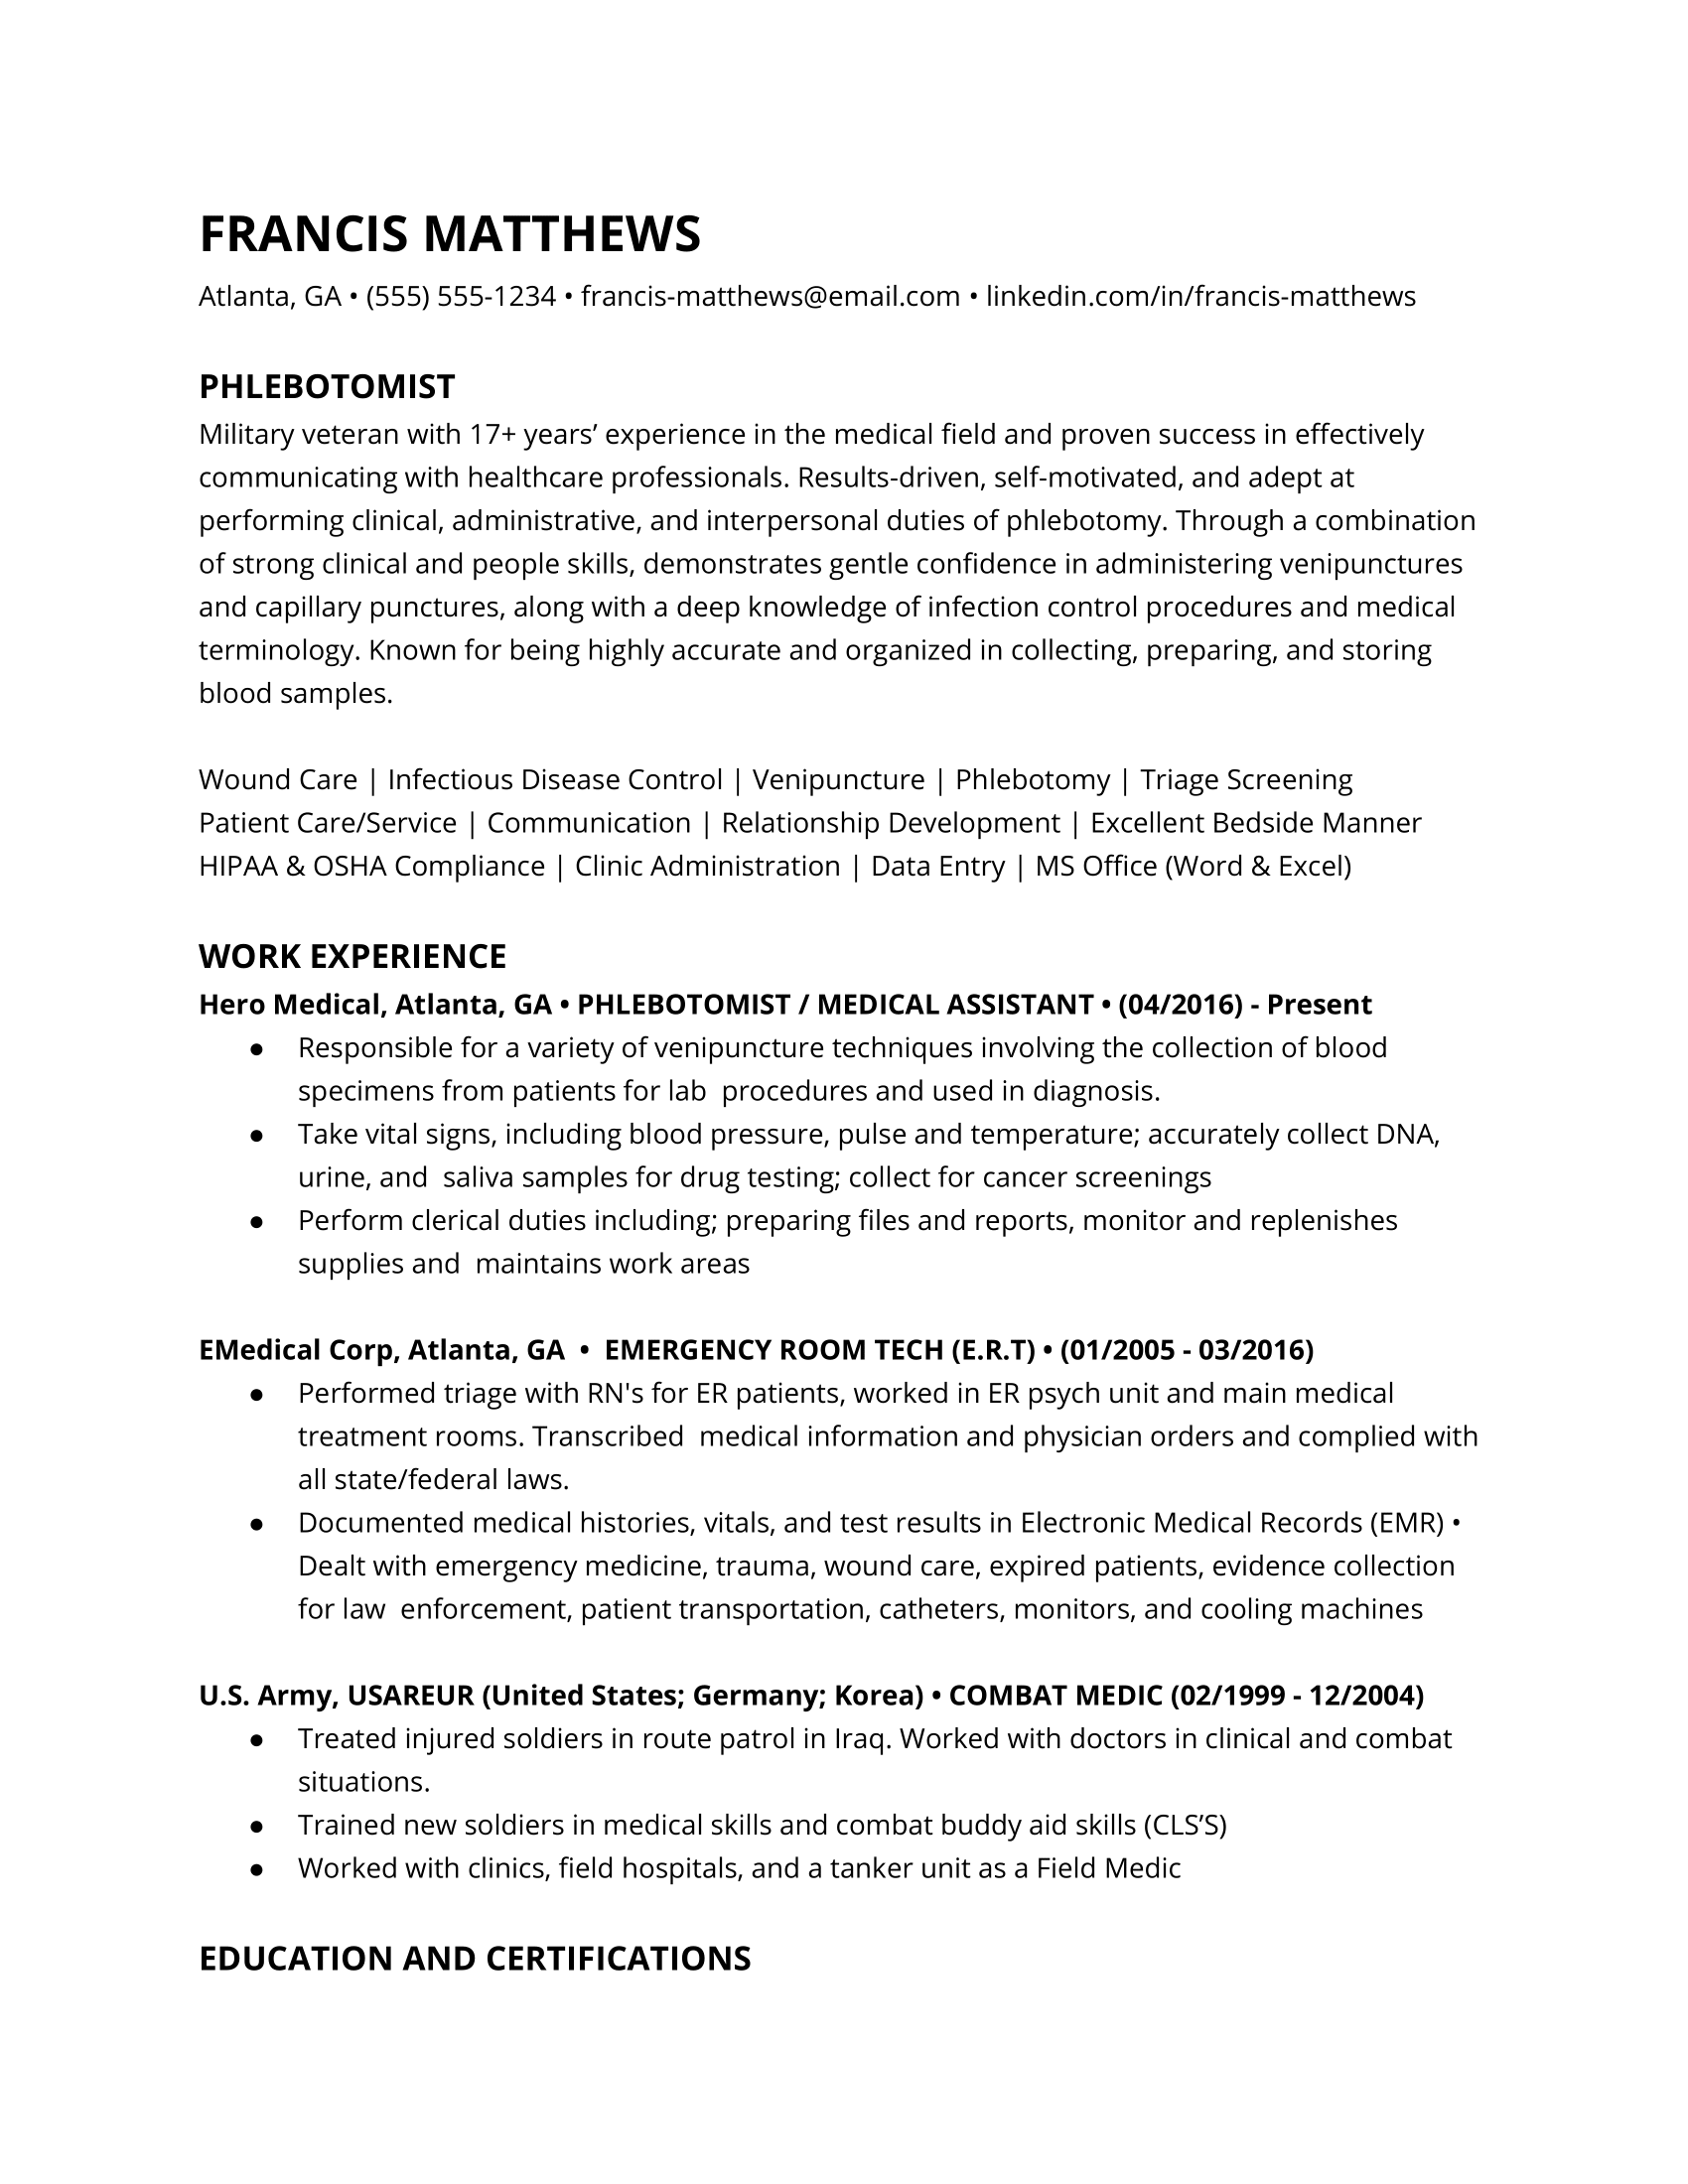 Phlebotomist resume example